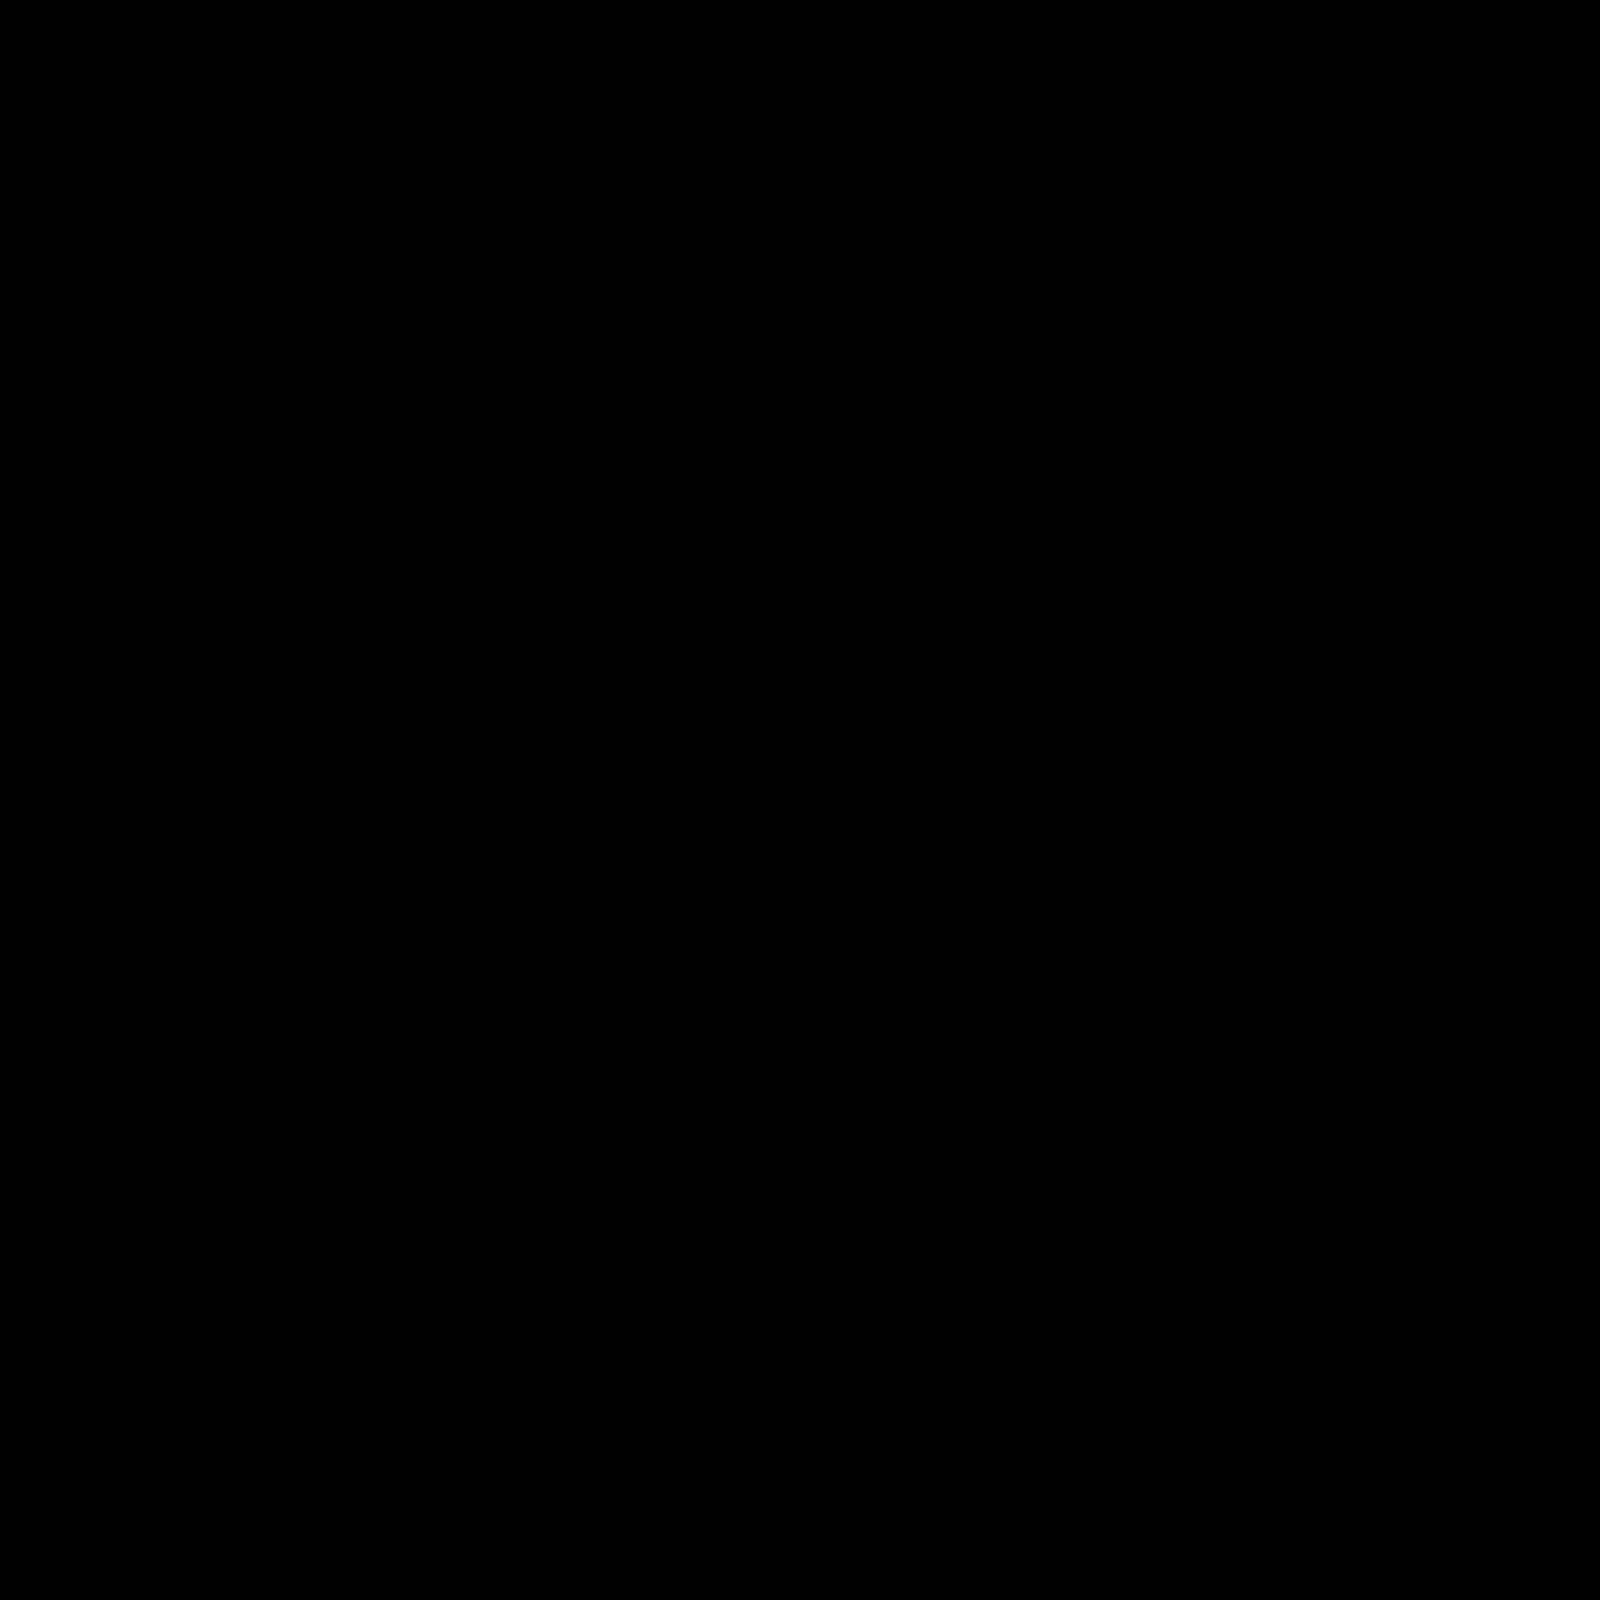 Вустерский соус icon